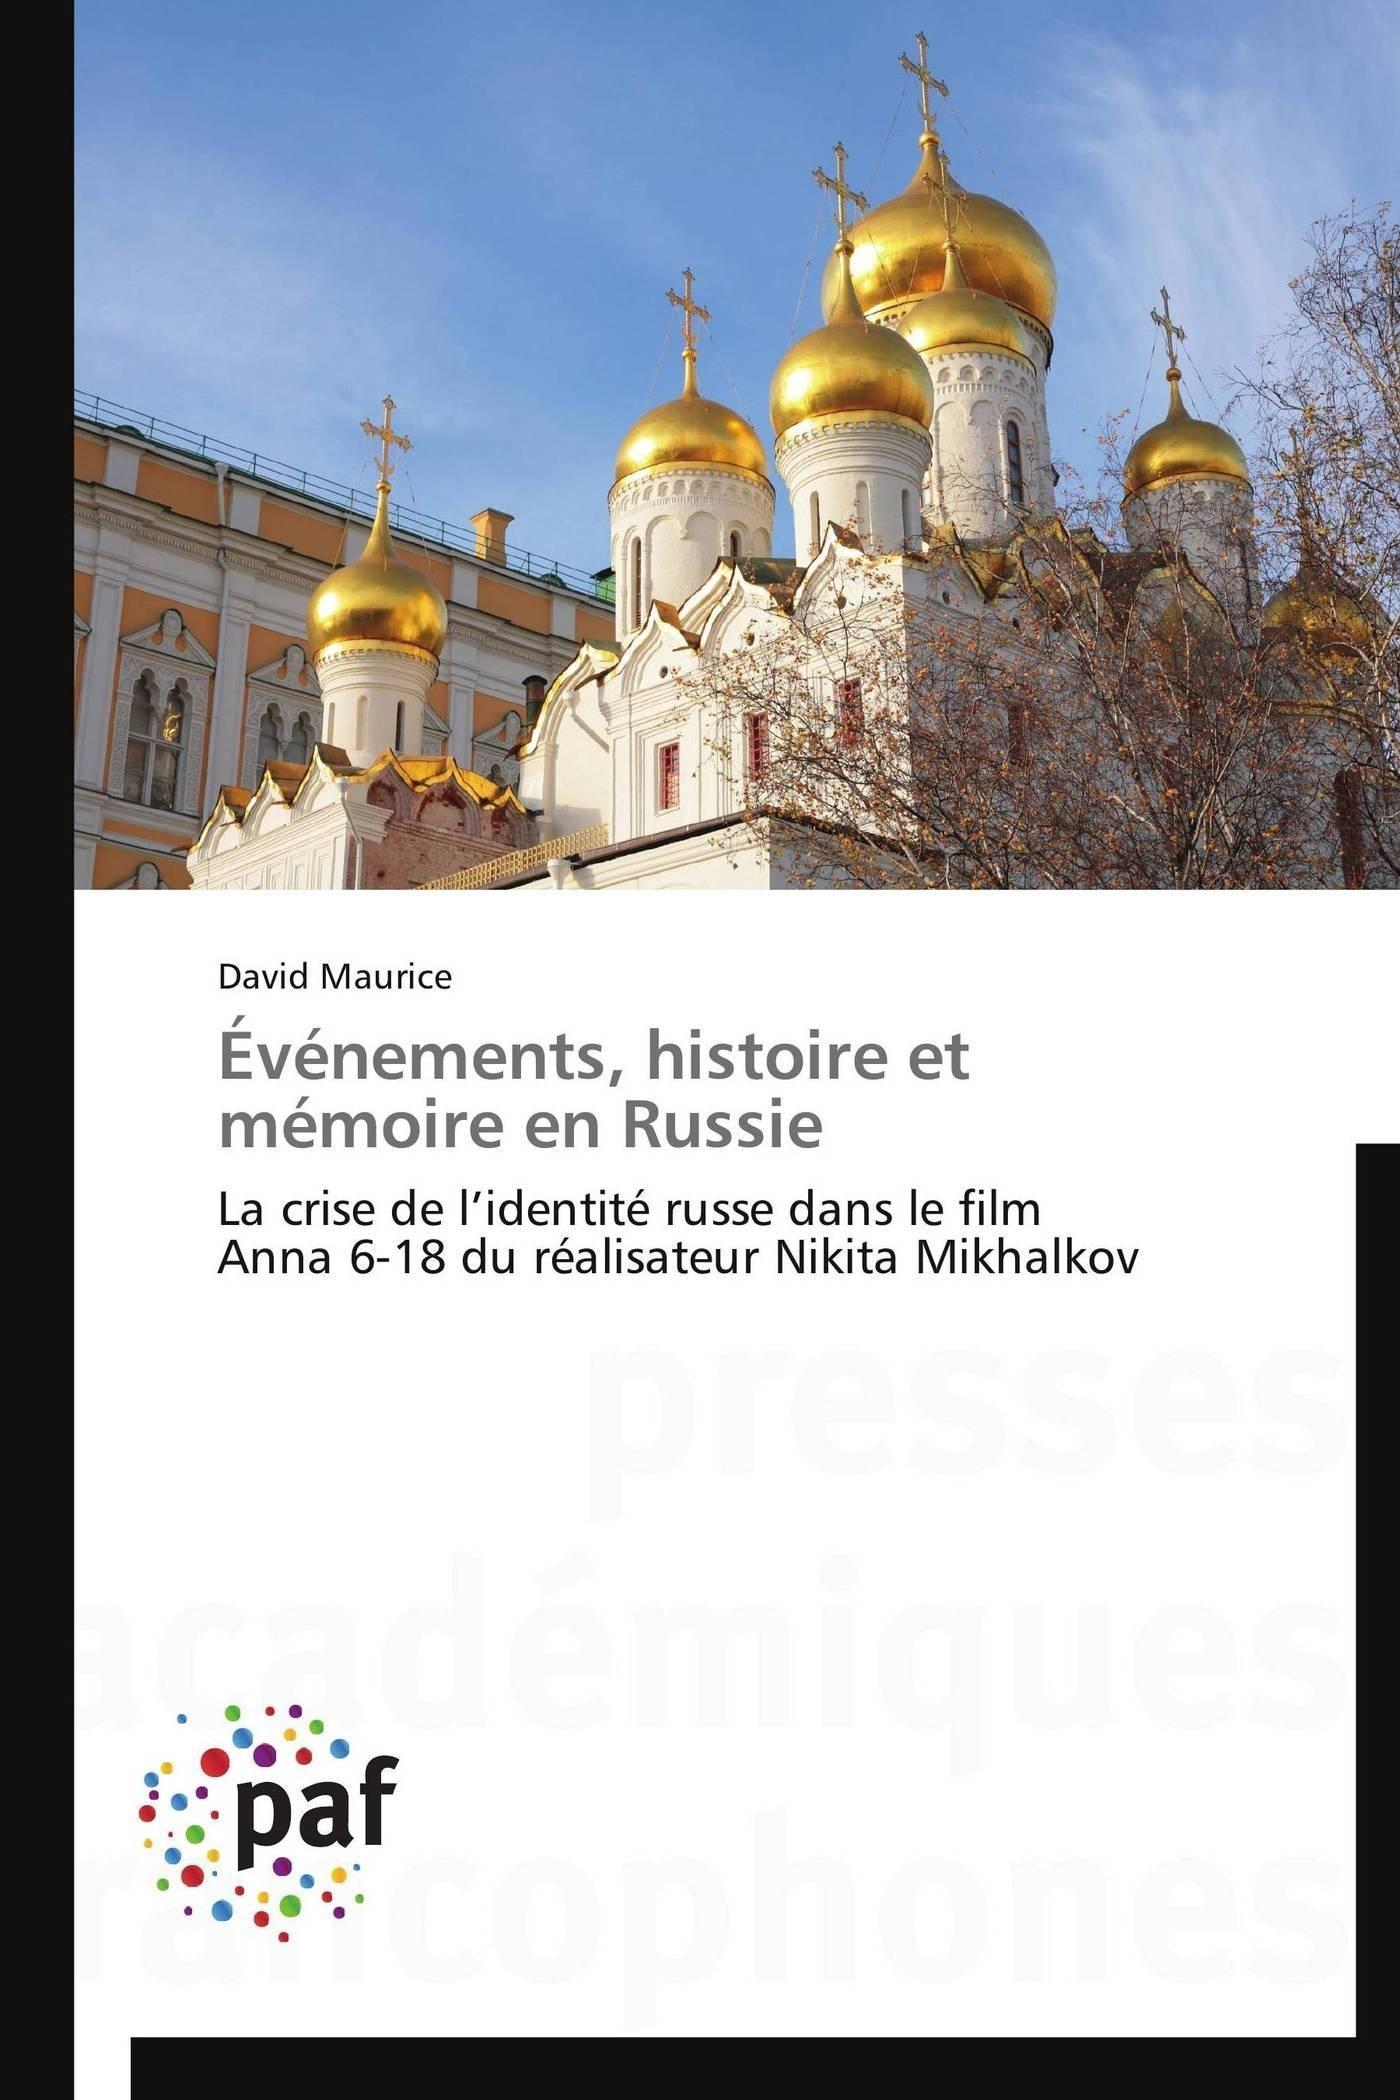 EVENEMENTS, HISTOIRE ET MEMOIRE EN RUSSIE